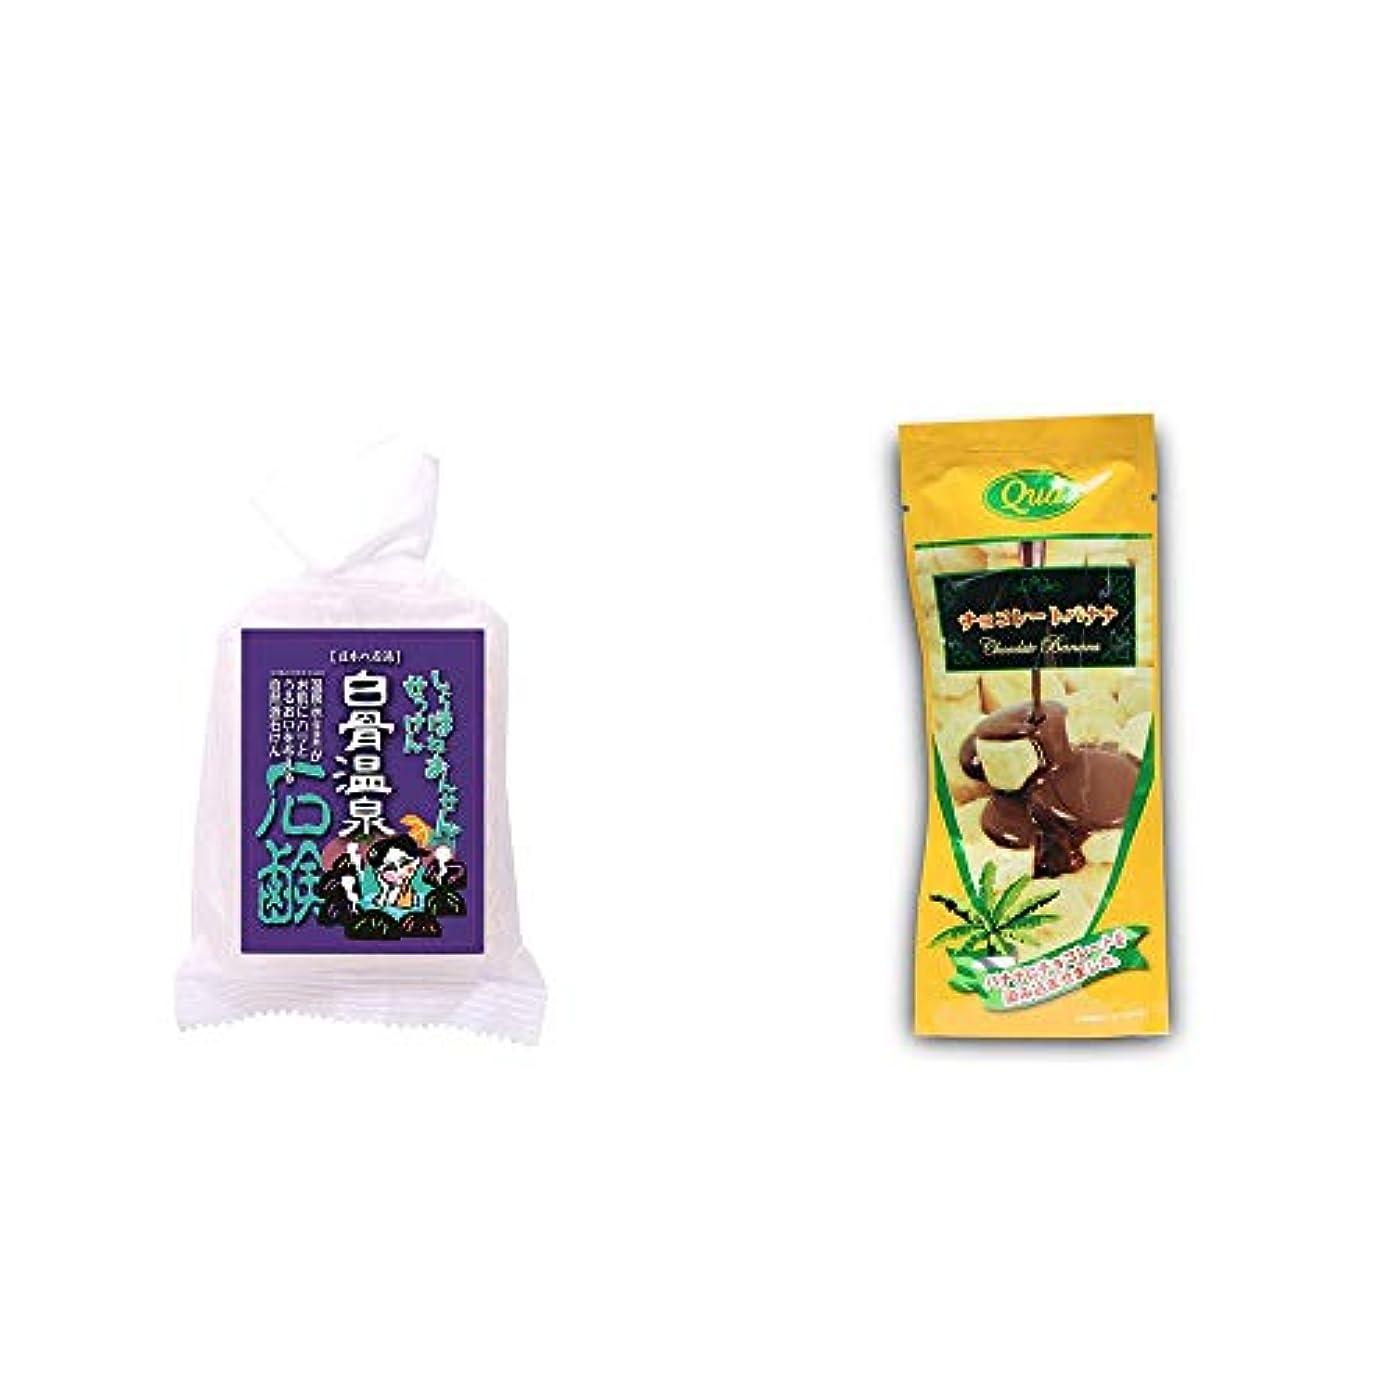 本土後継演劇[2点セット] 信州 白骨温泉石鹸(80g)?フリーズドライ チョコレートバナナ(50g)